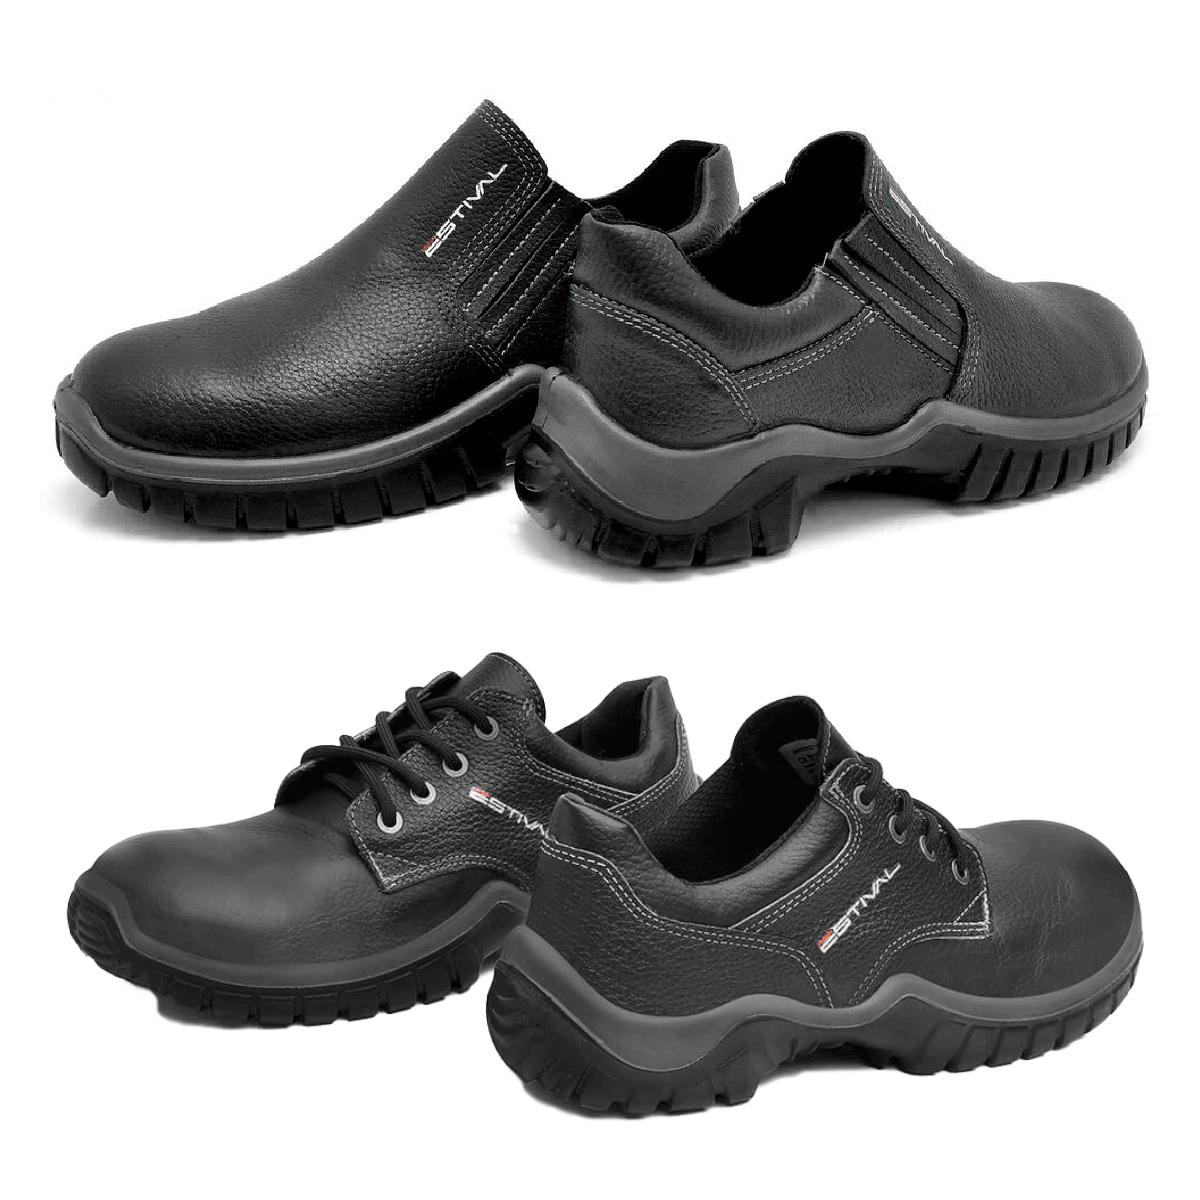 Kit Calçado de Segurança Preto - Estival W010021s1 + W010041s1